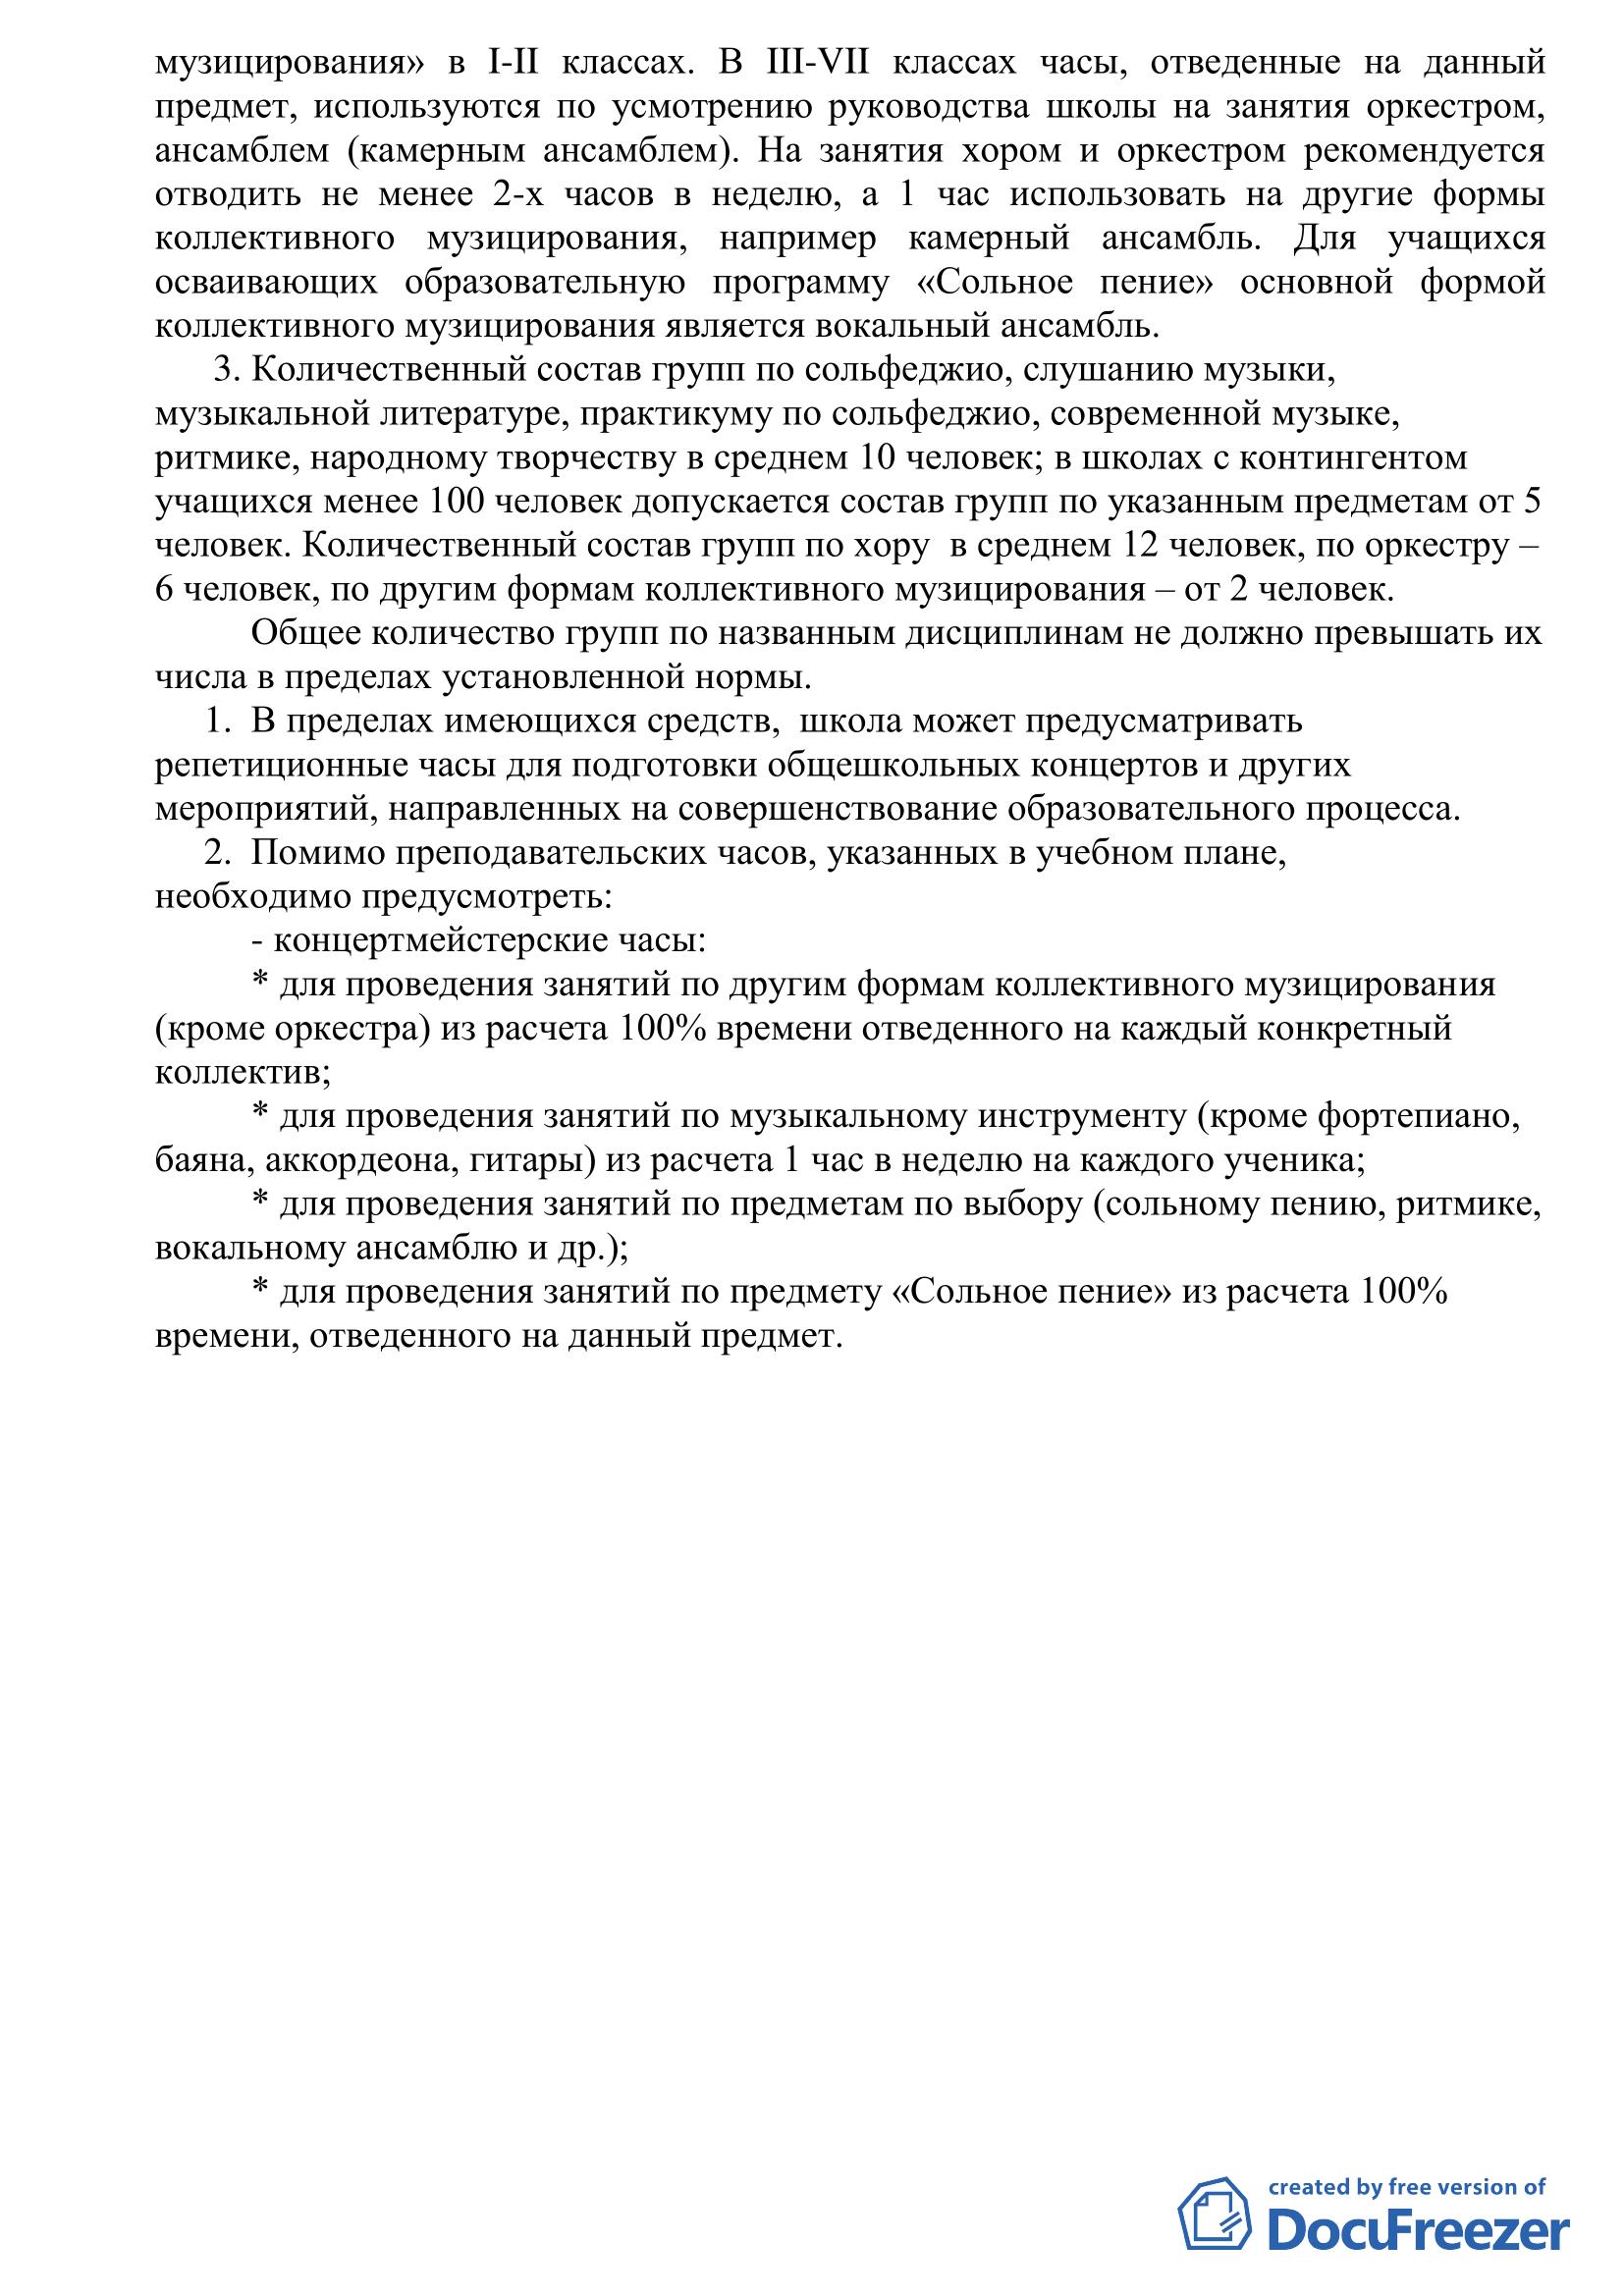 Рабочий учебный  план  на  2015 - 2016 у.г (7 летнего образованиЯ)_4